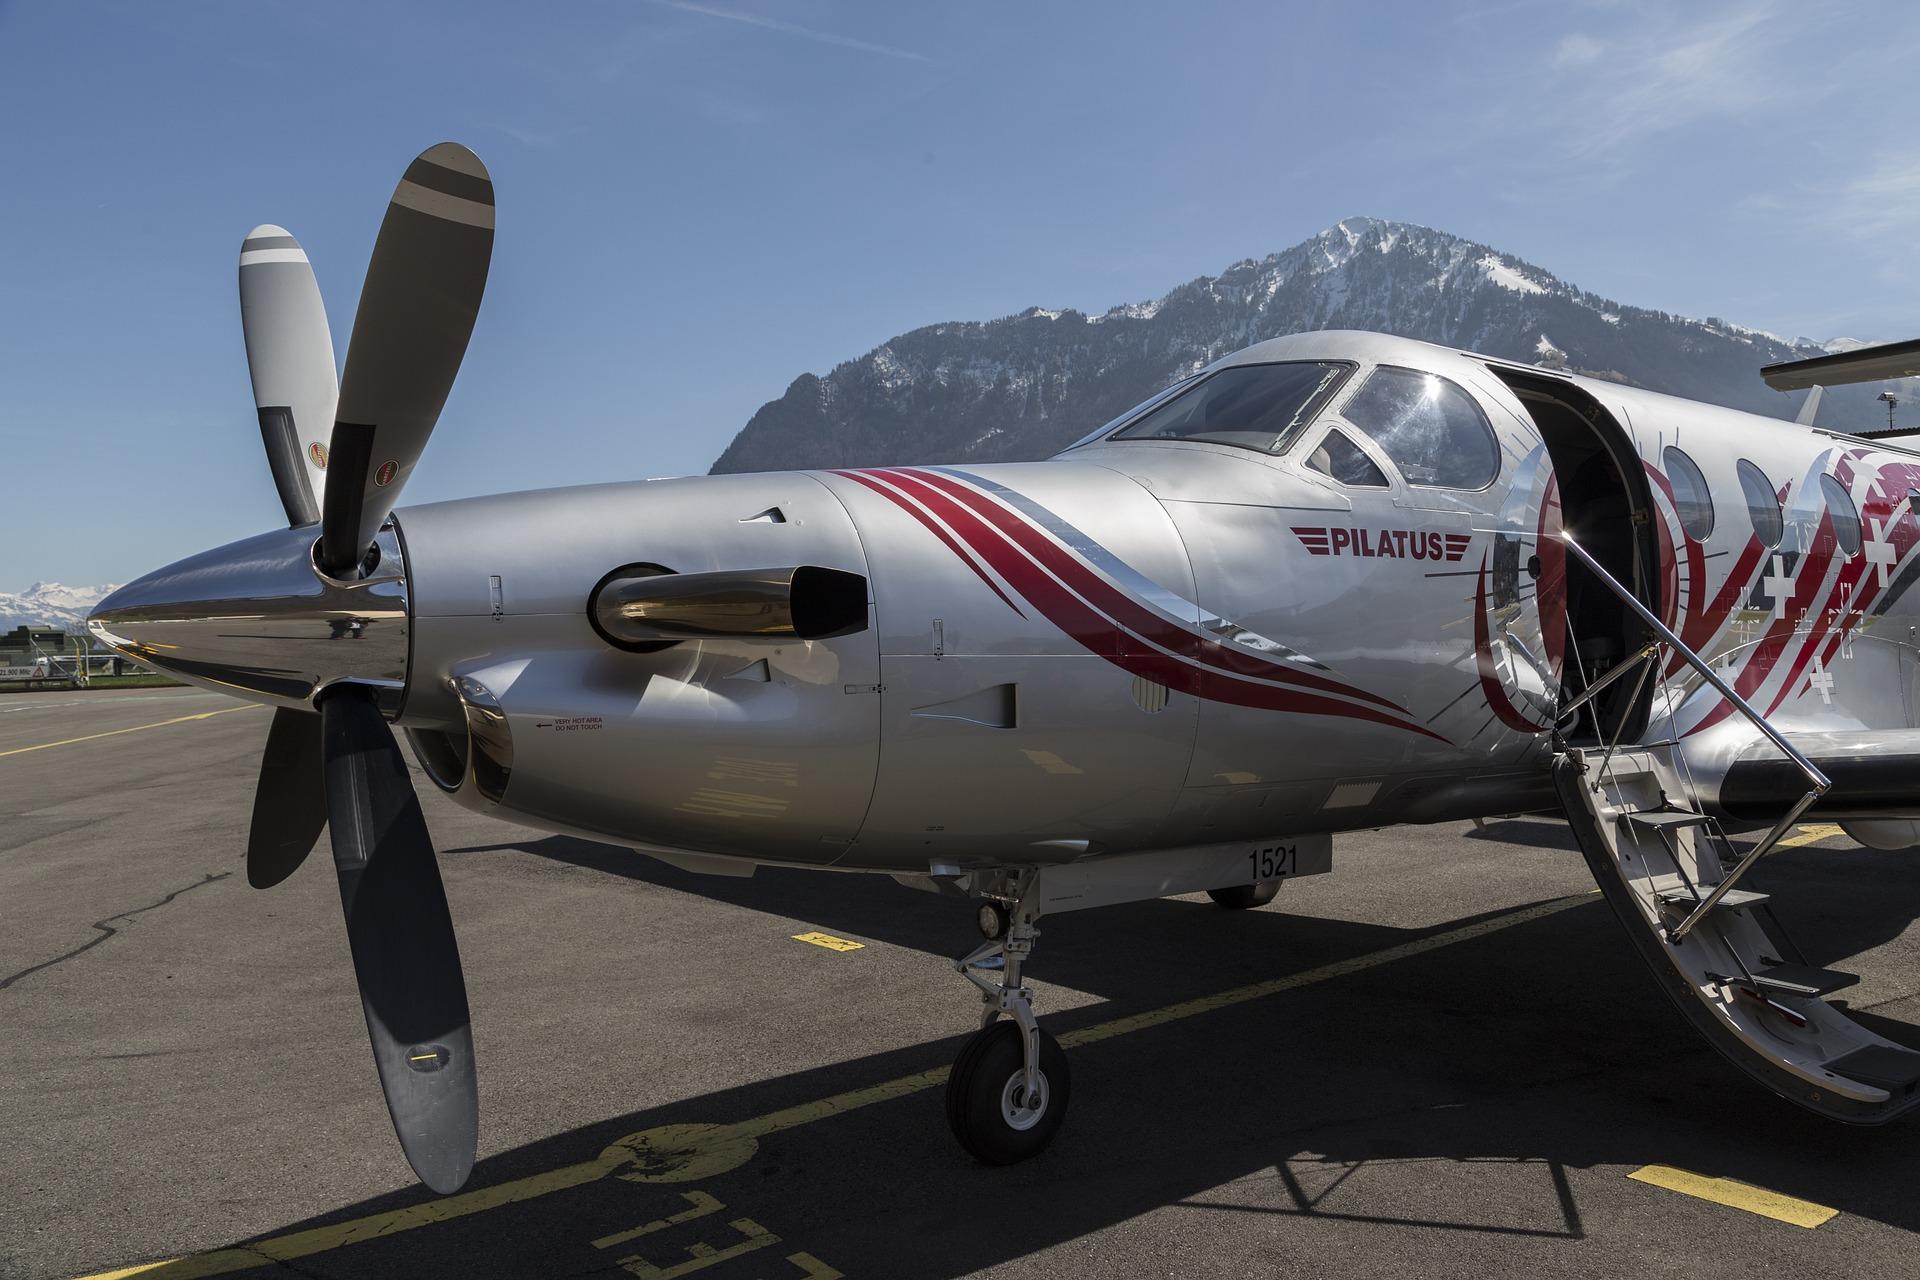 Pilatus PC-12 aircraft image